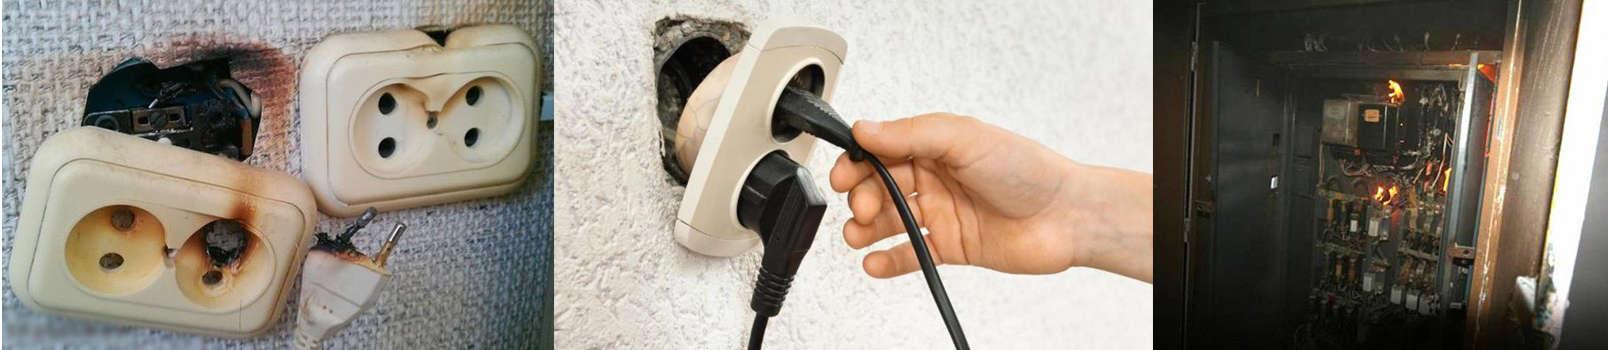 когда вызывать электрика